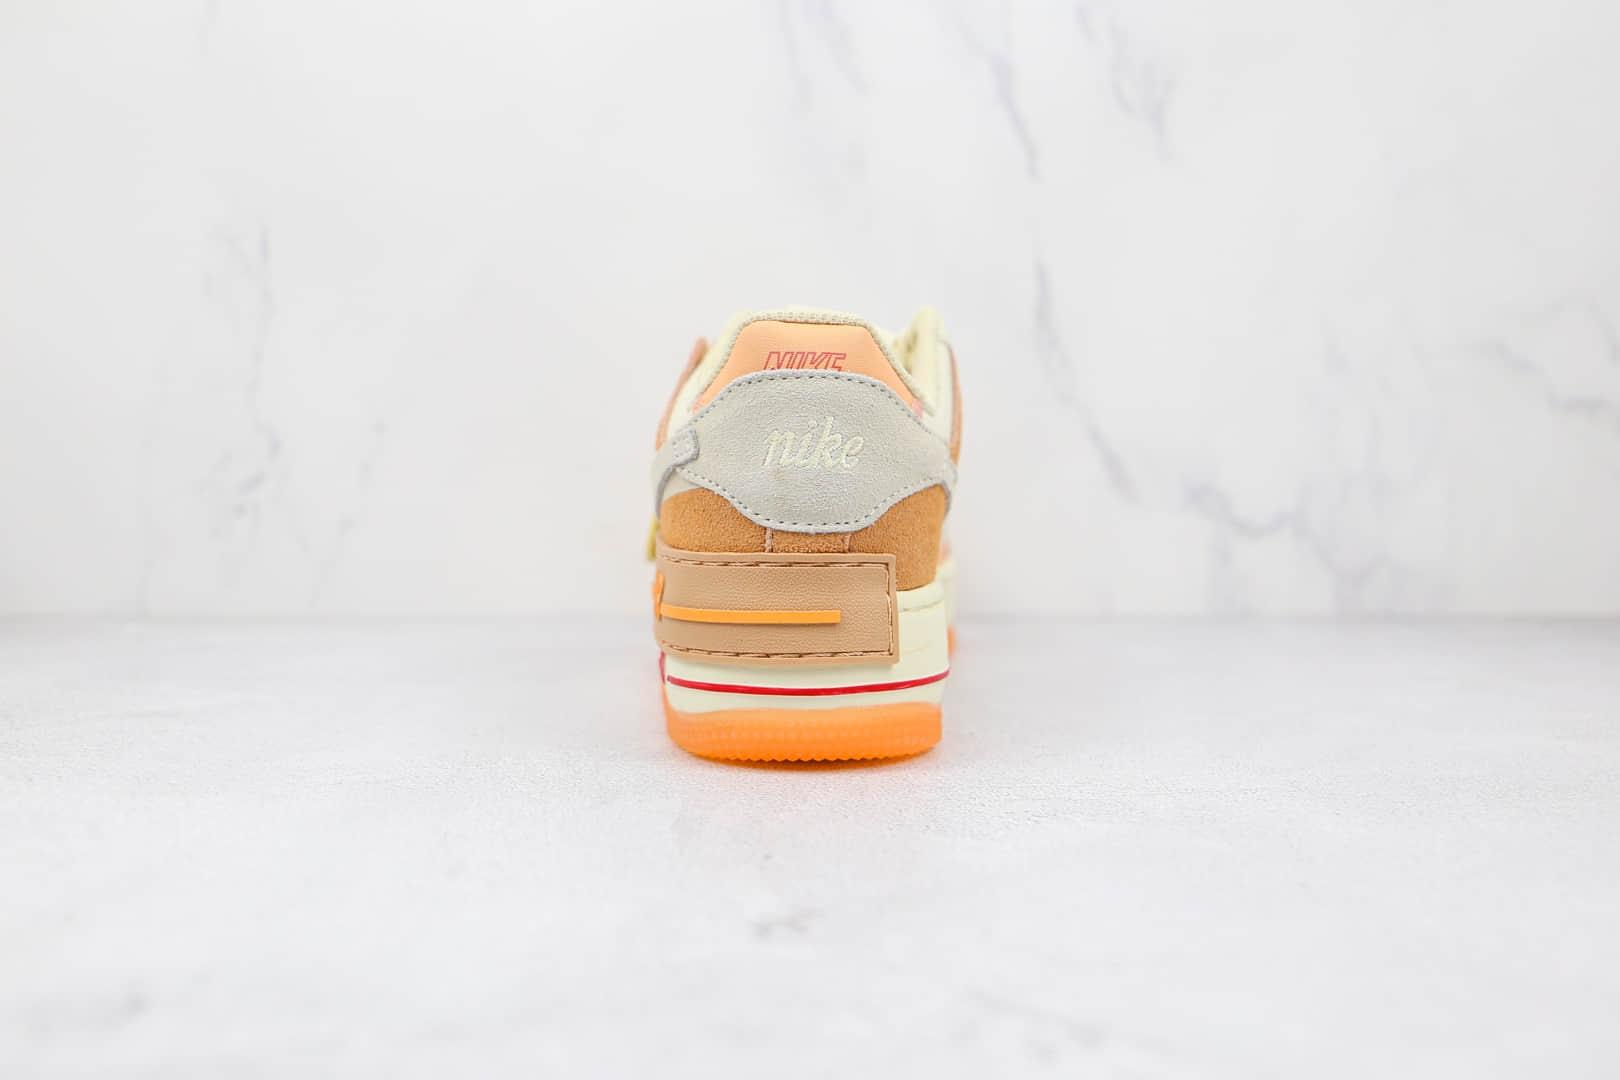 耐克Nike AIR FMRCE 1 SHADOW纯原版本低帮空军一号马卡龙白卡其色板鞋内置气垫 货号:DM8157-700